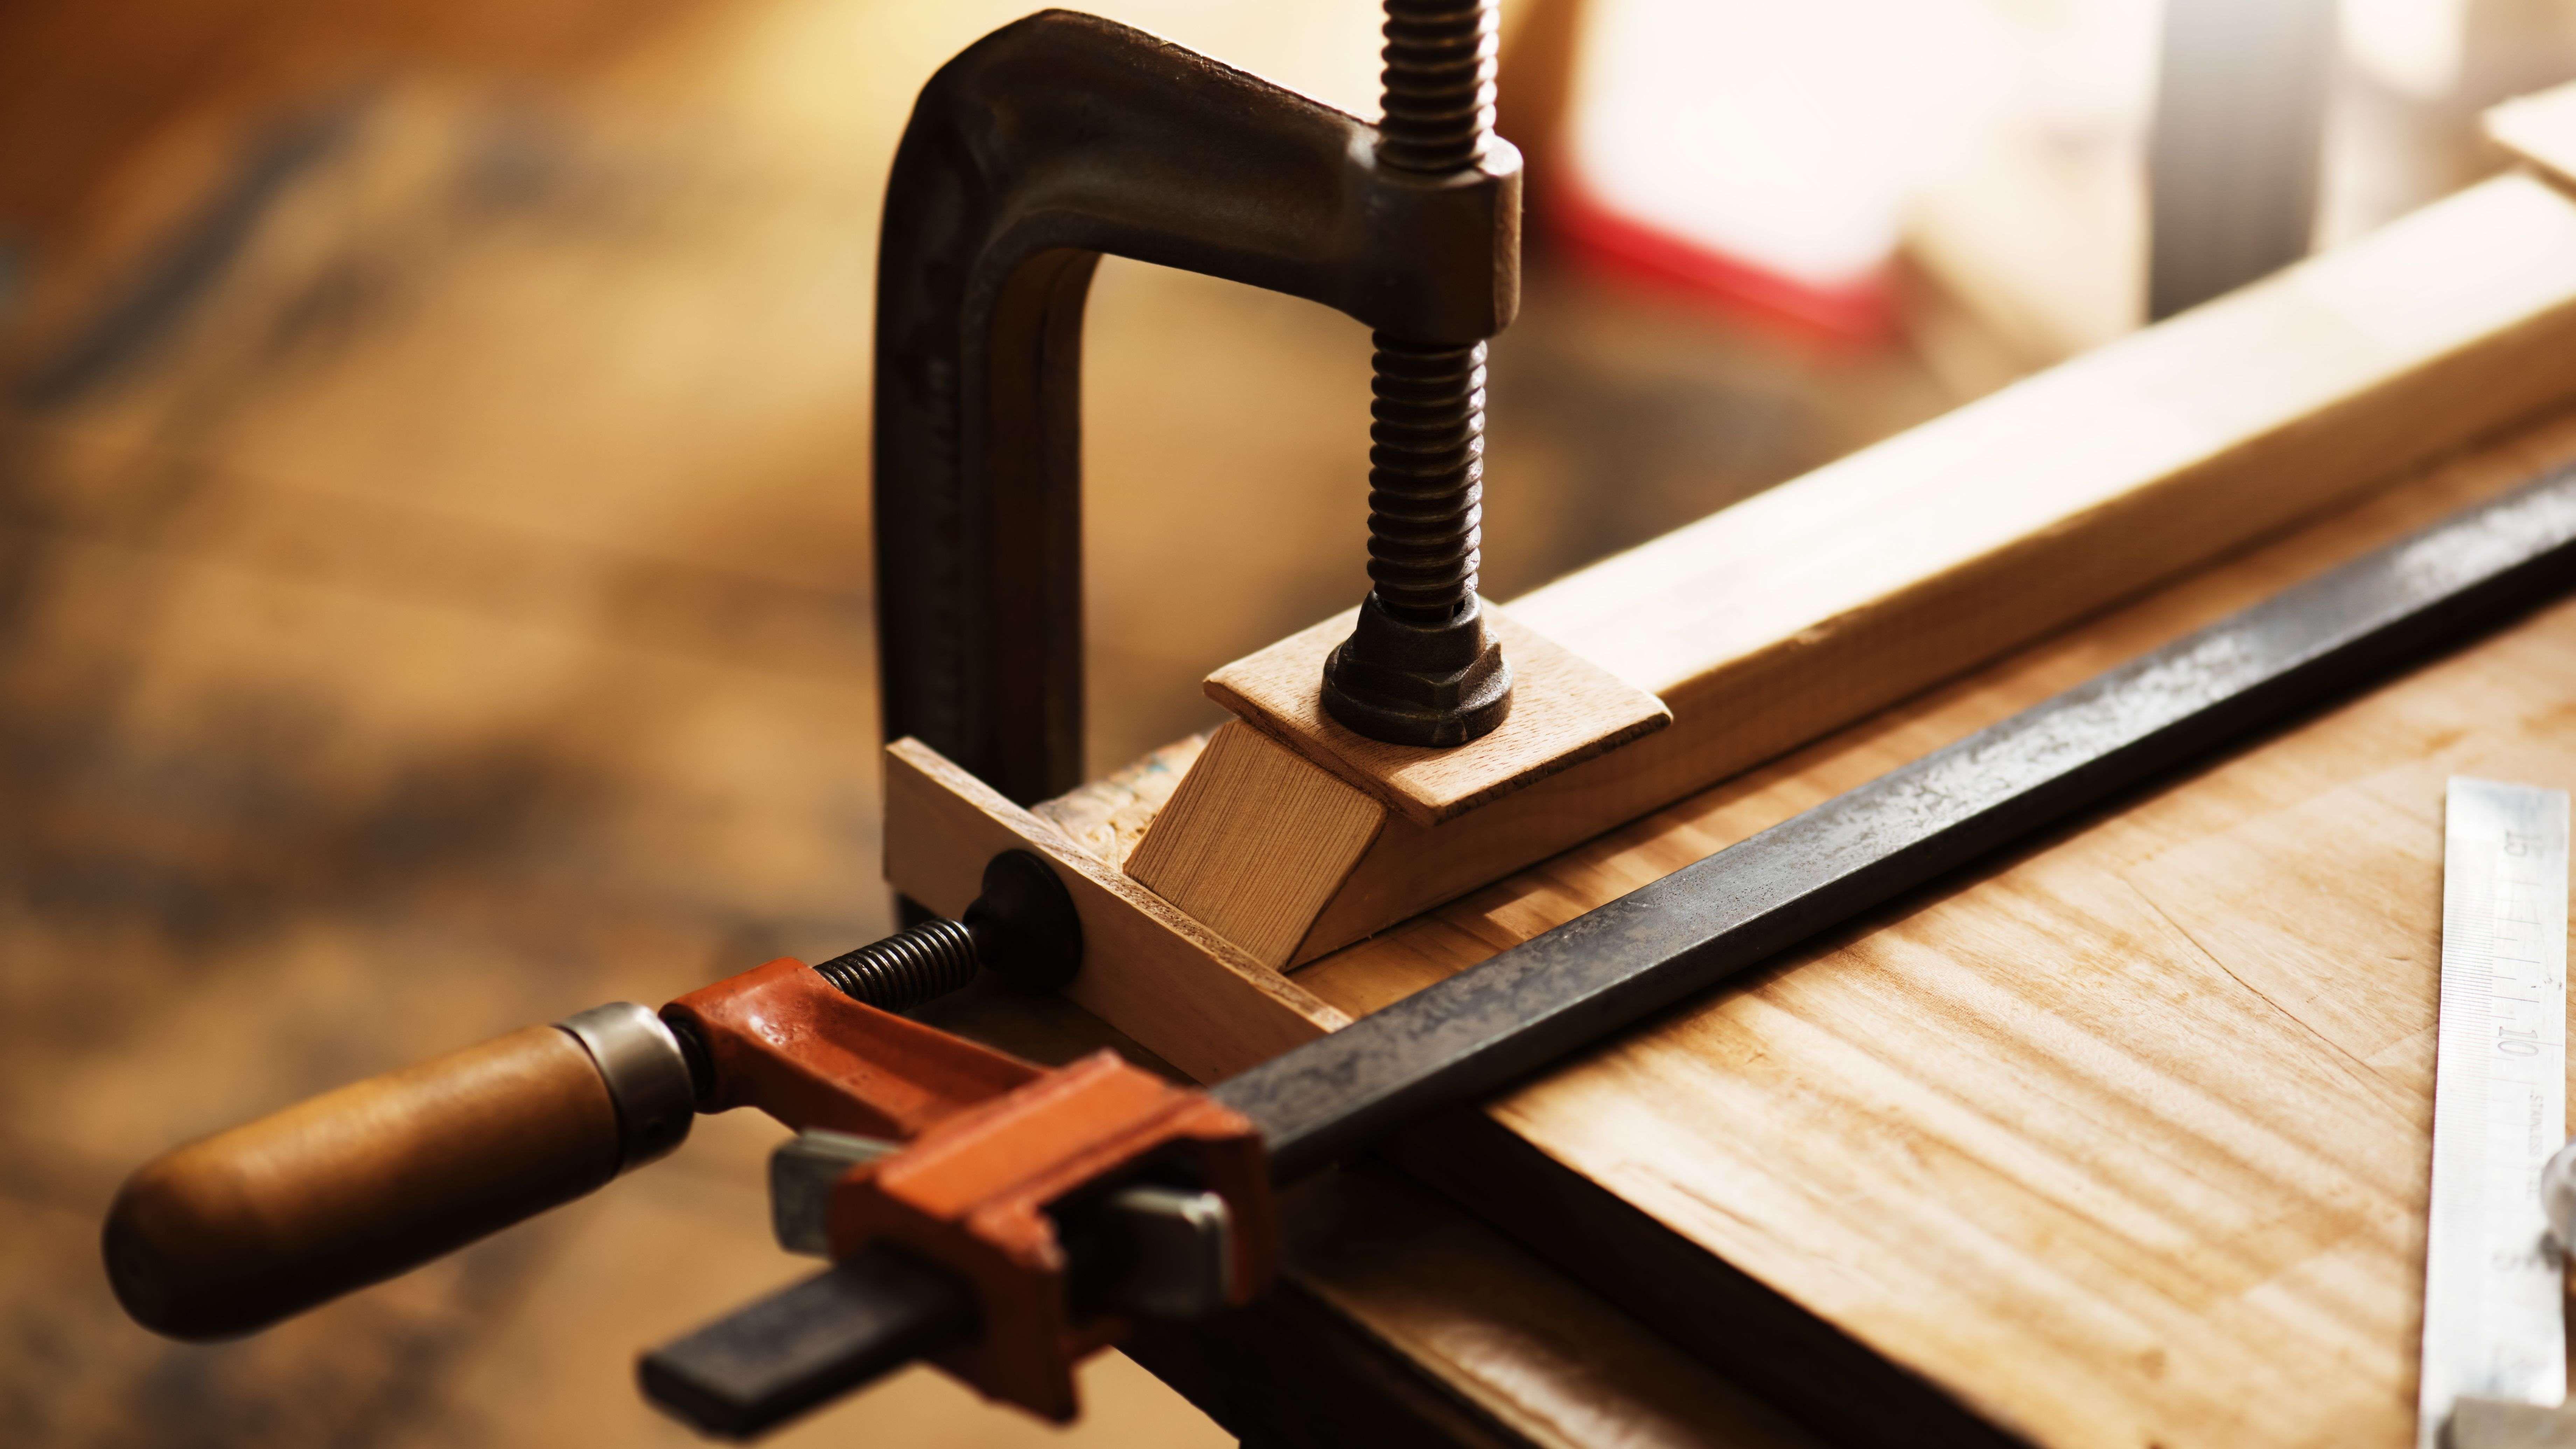 Come scegliere degli utensili di serraggio?